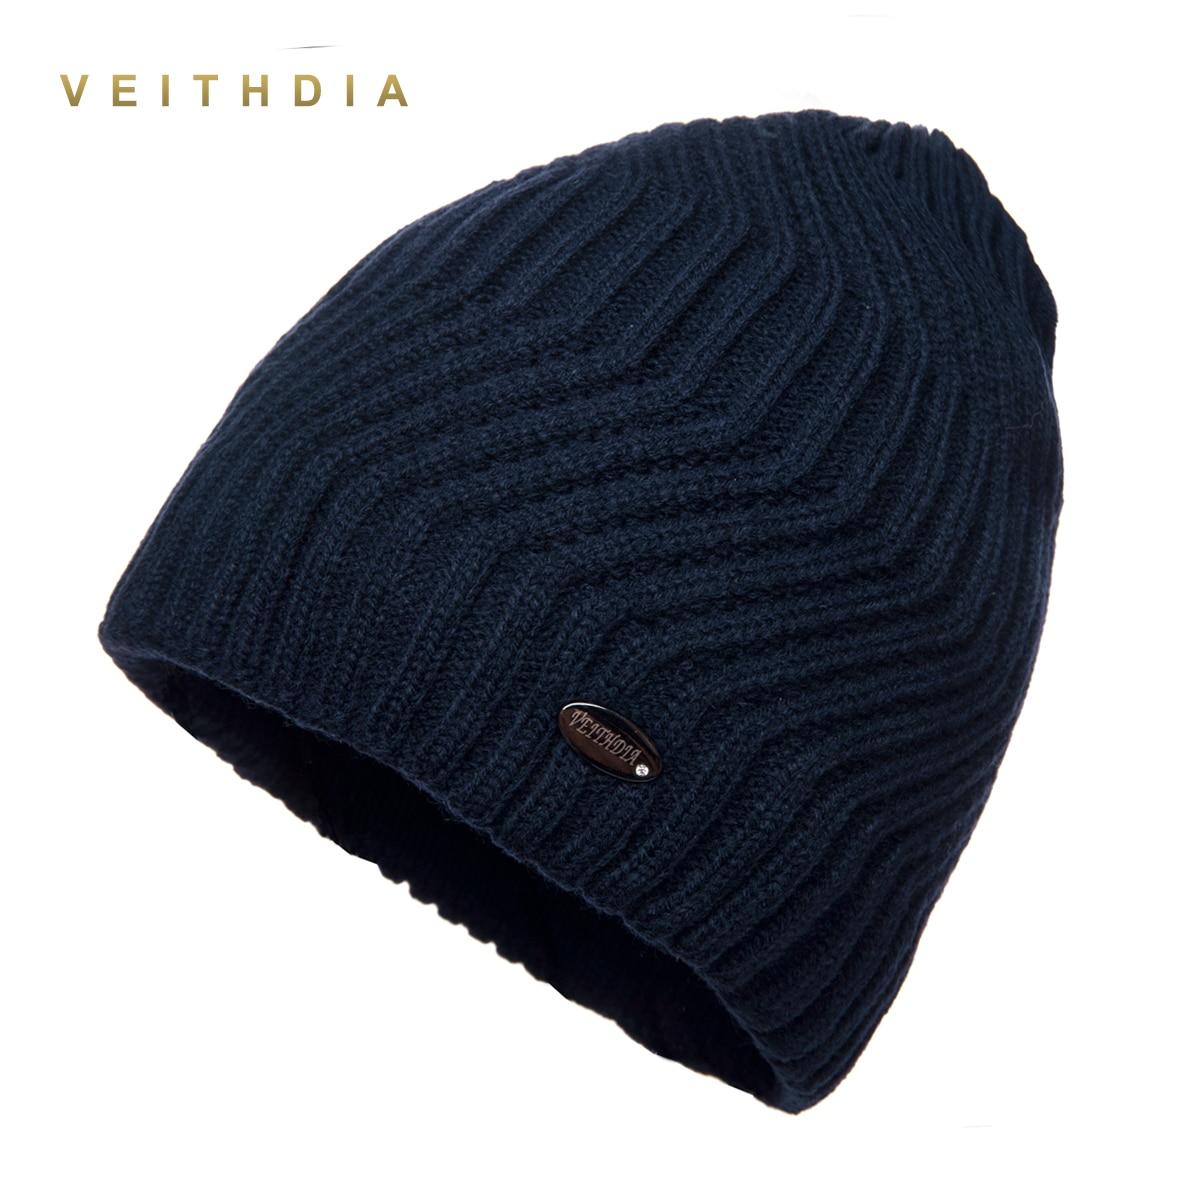 VEITHDIA Men Winter Hat Skullies Hats